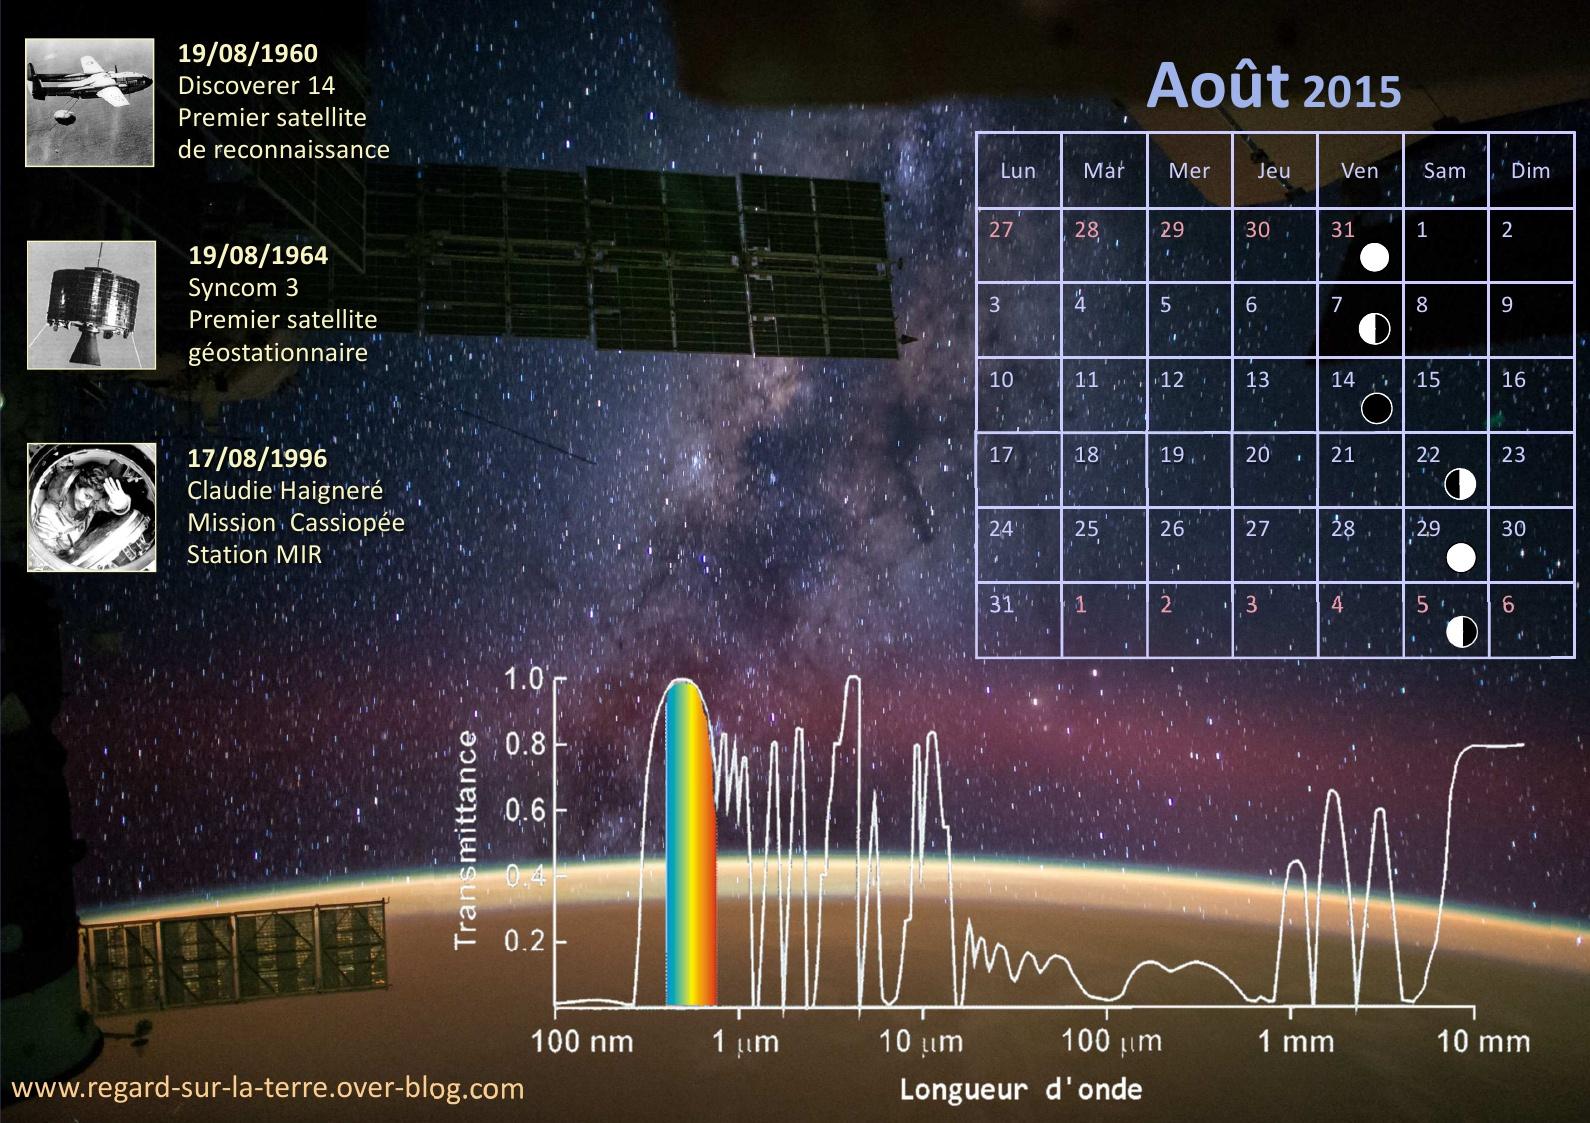 Calendreir spatial et astronomique - Août - 2015 - Discoverer 14 - Syncom 3  - Claudie bd97ec49589